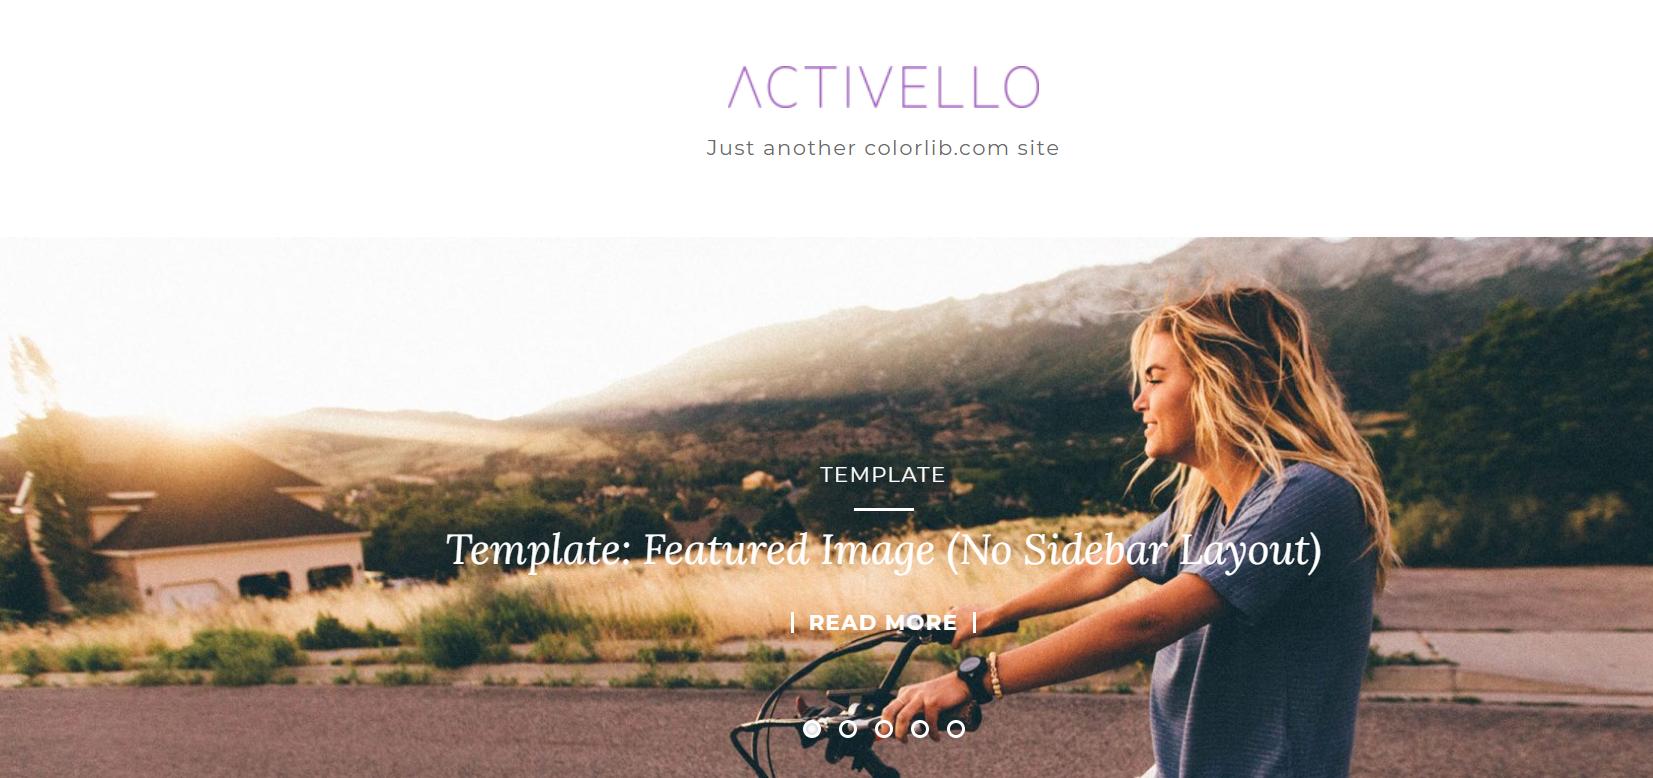 activello wordpress theme for blogs